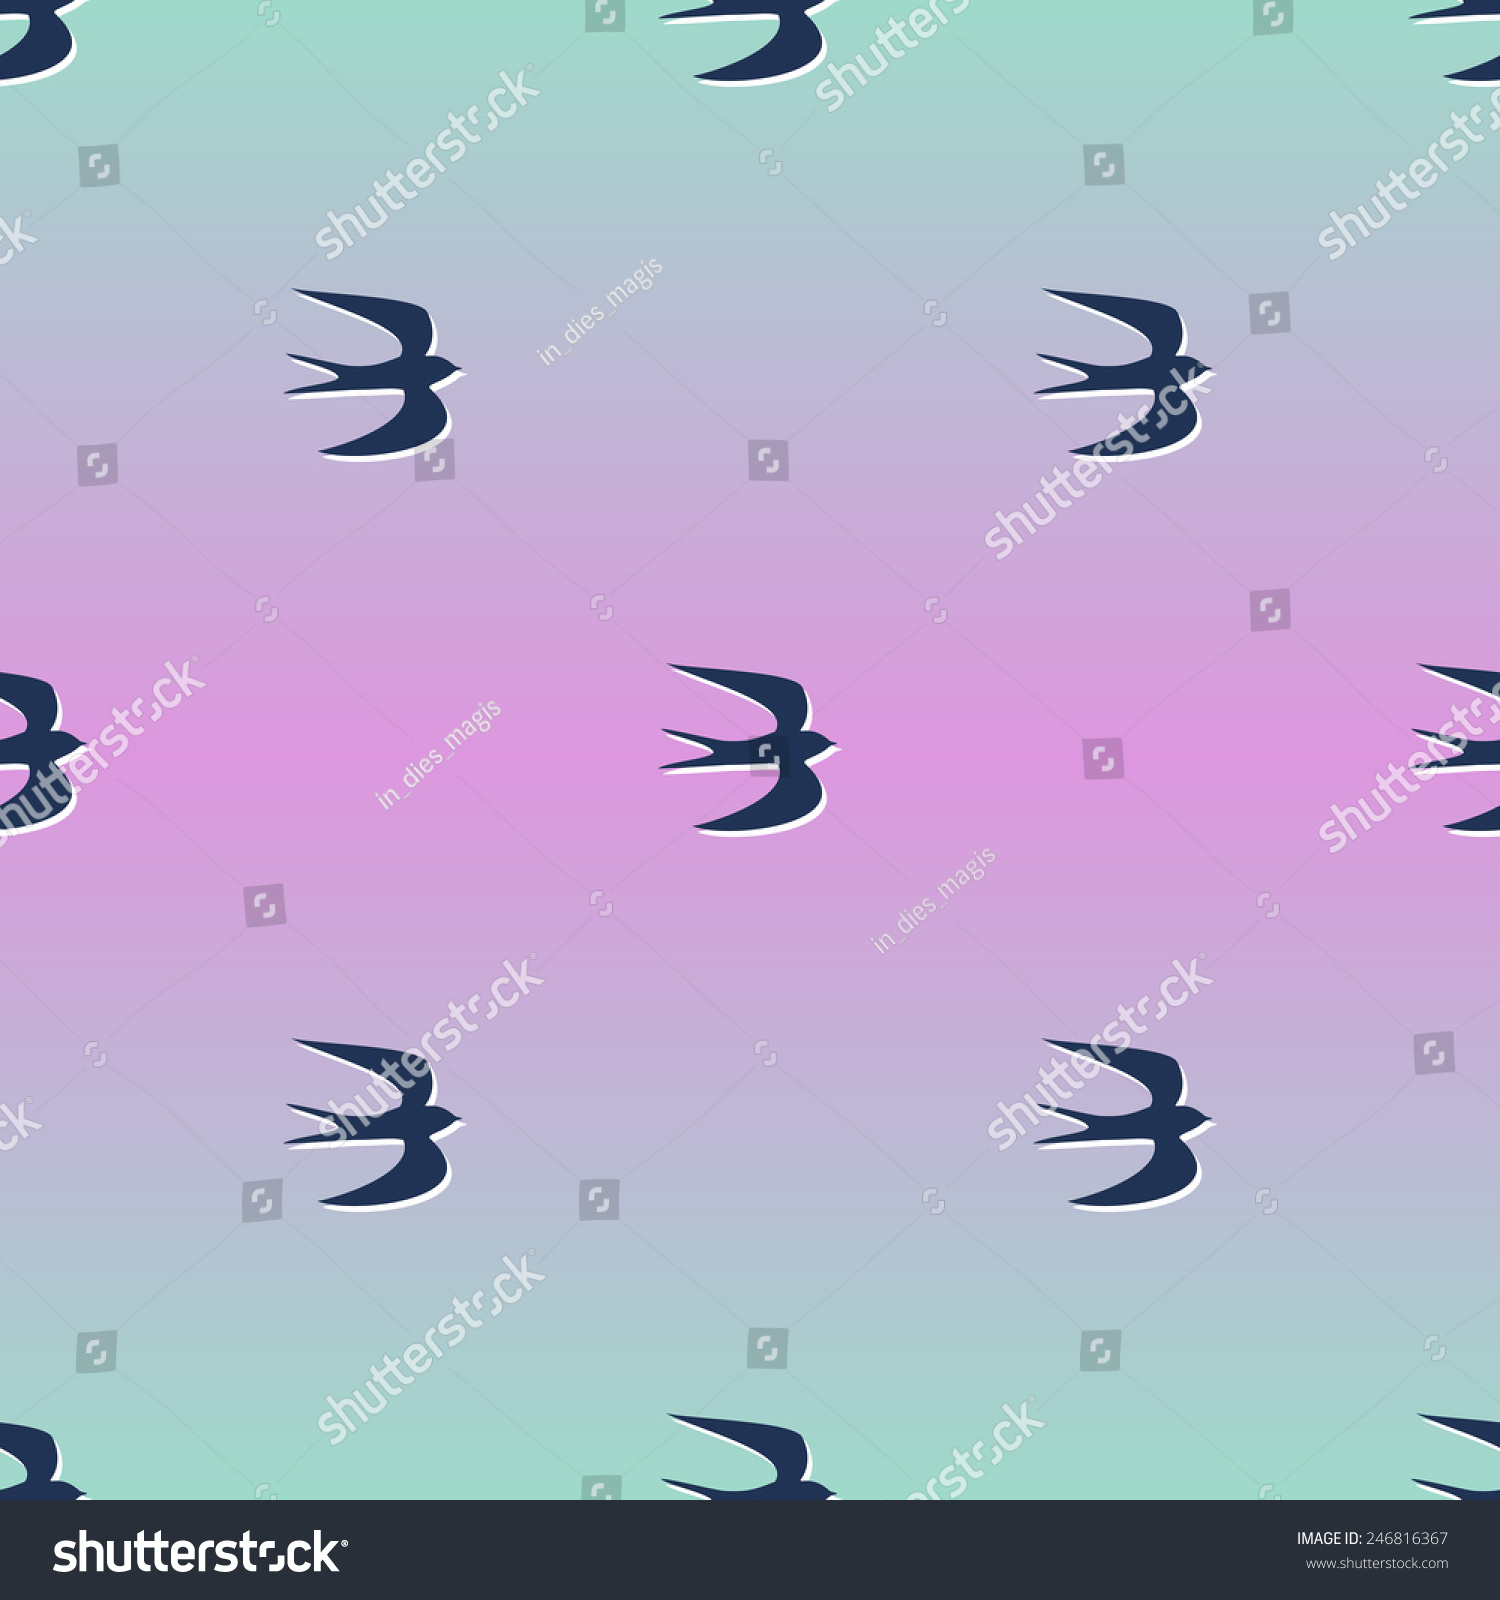 无缝模式与小燕子.文摘与飞鸟日出渐变背景.